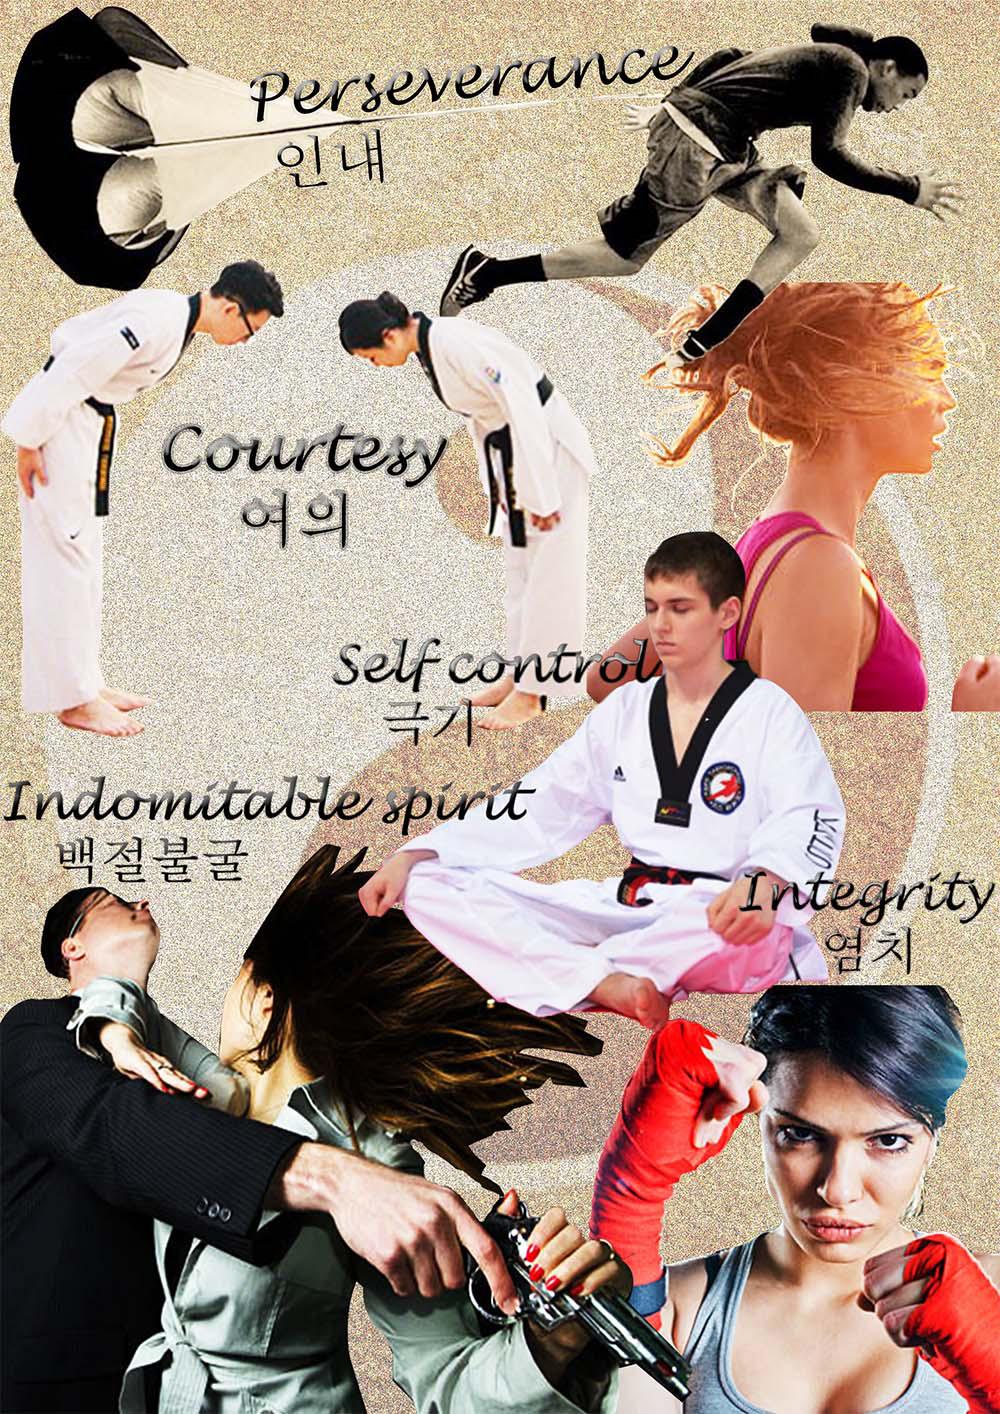 Fashion  Sportswear taekwondo